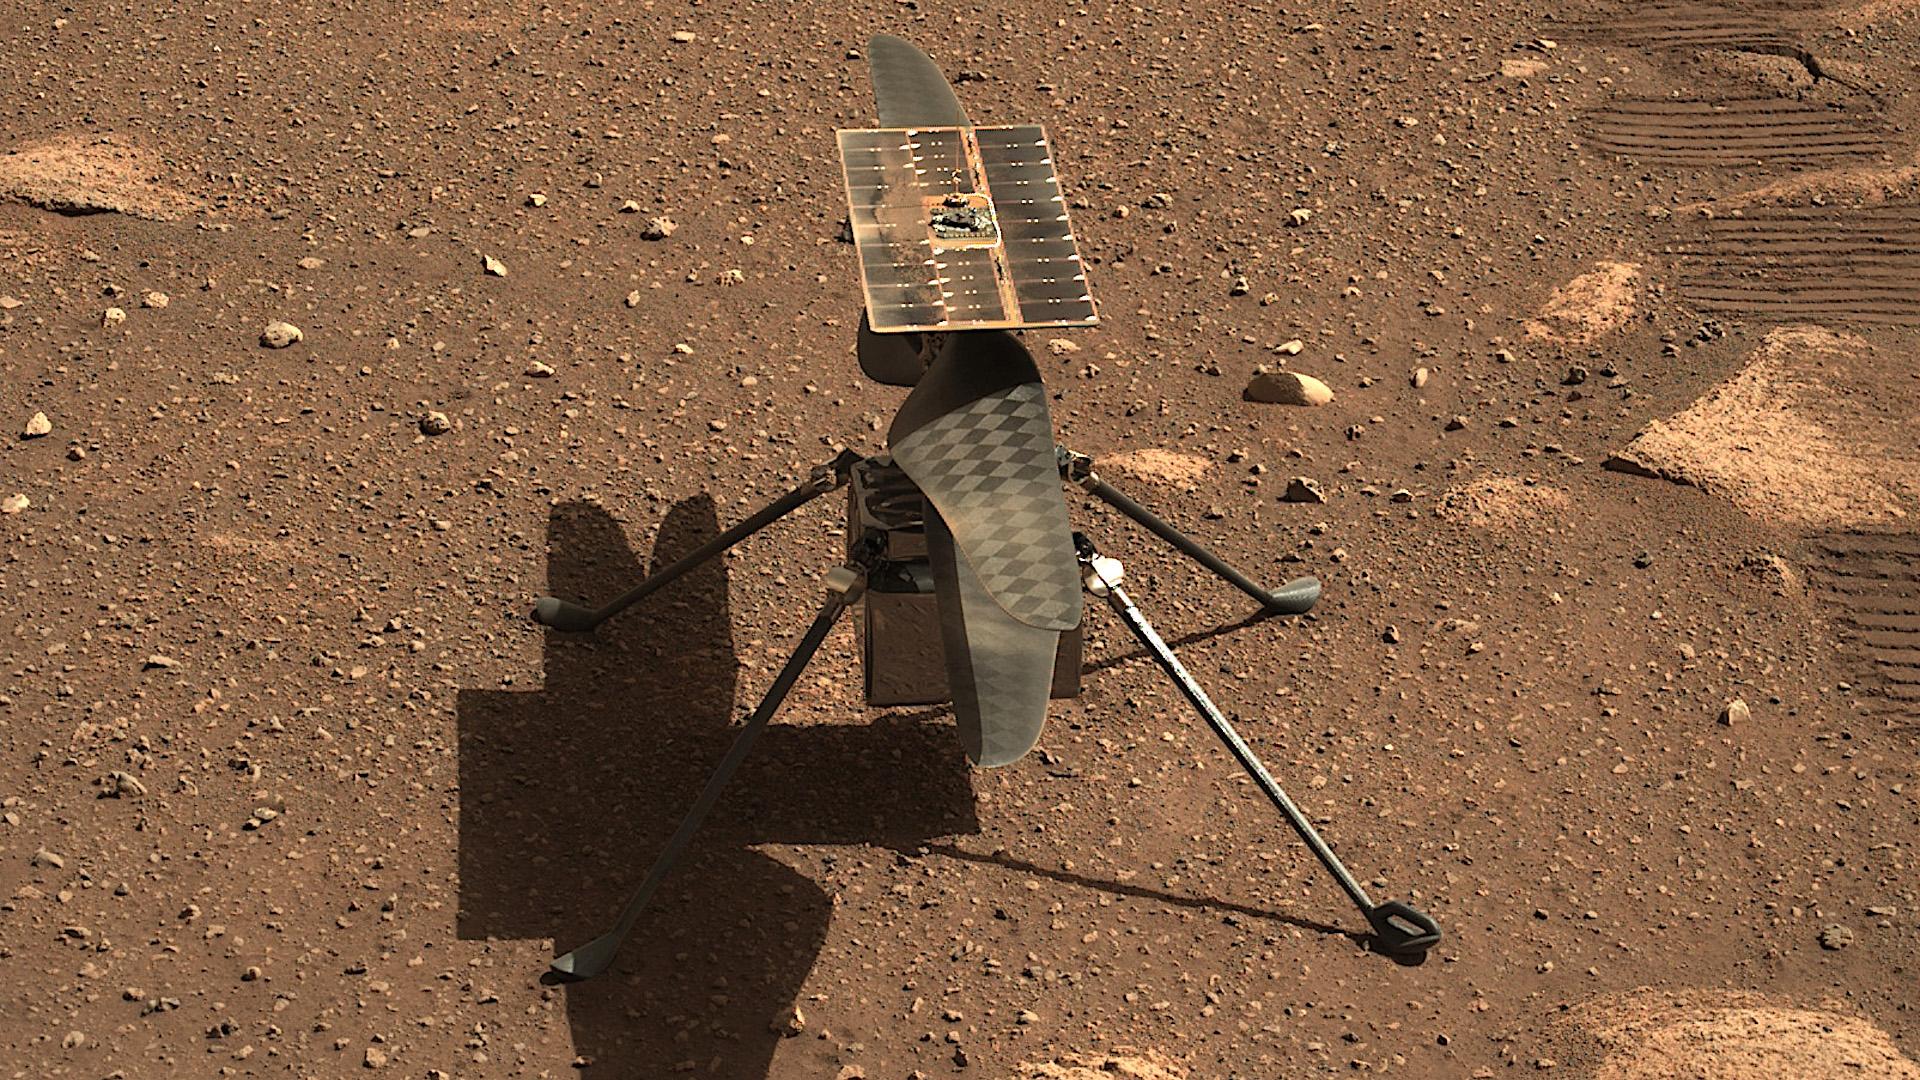 Cómo ver volar el helicóptero Ingenuity en Marte online